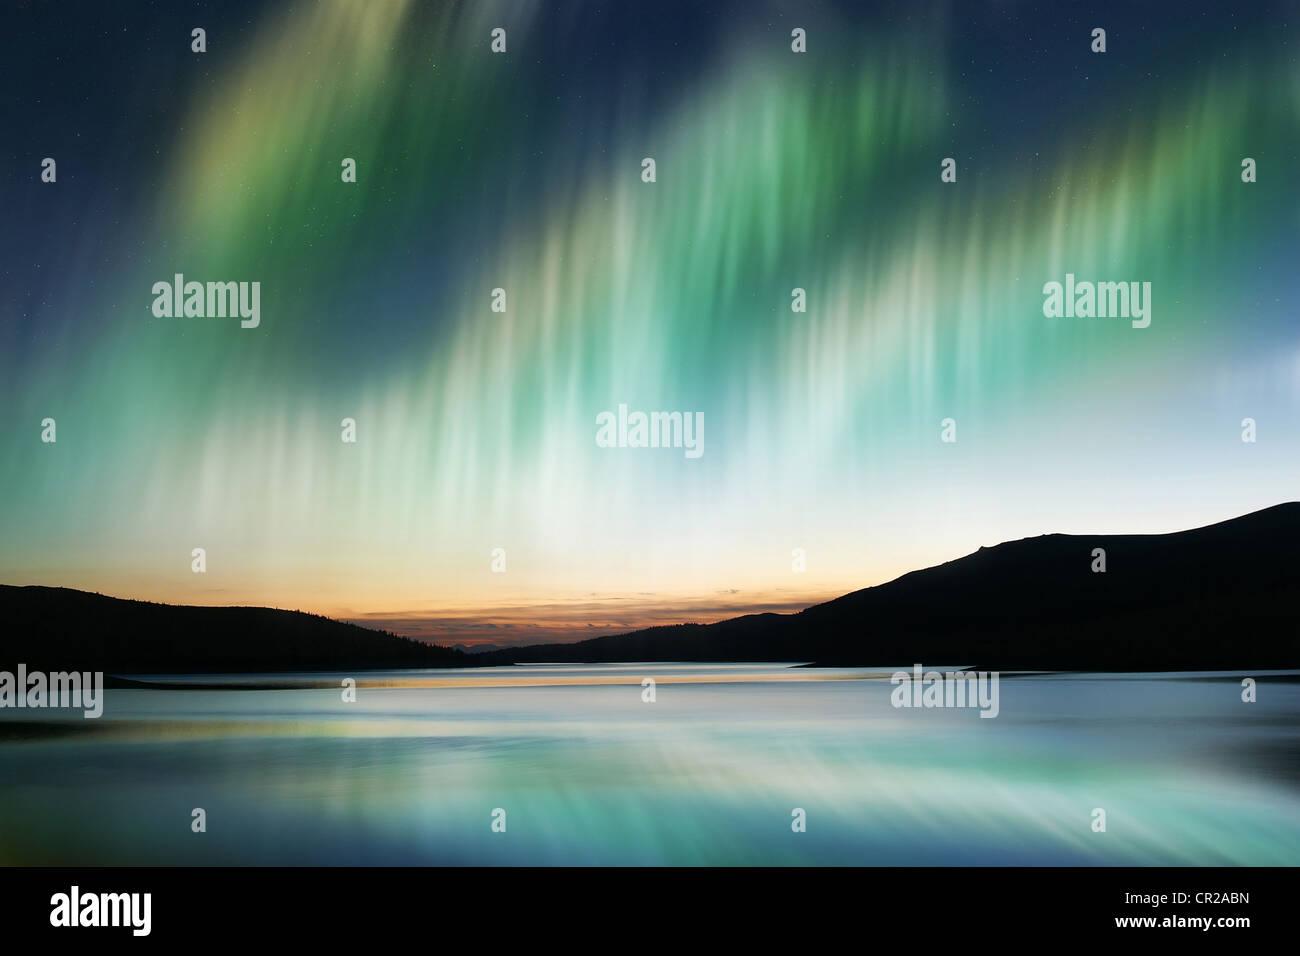 Aurora Borealis - Stock Image